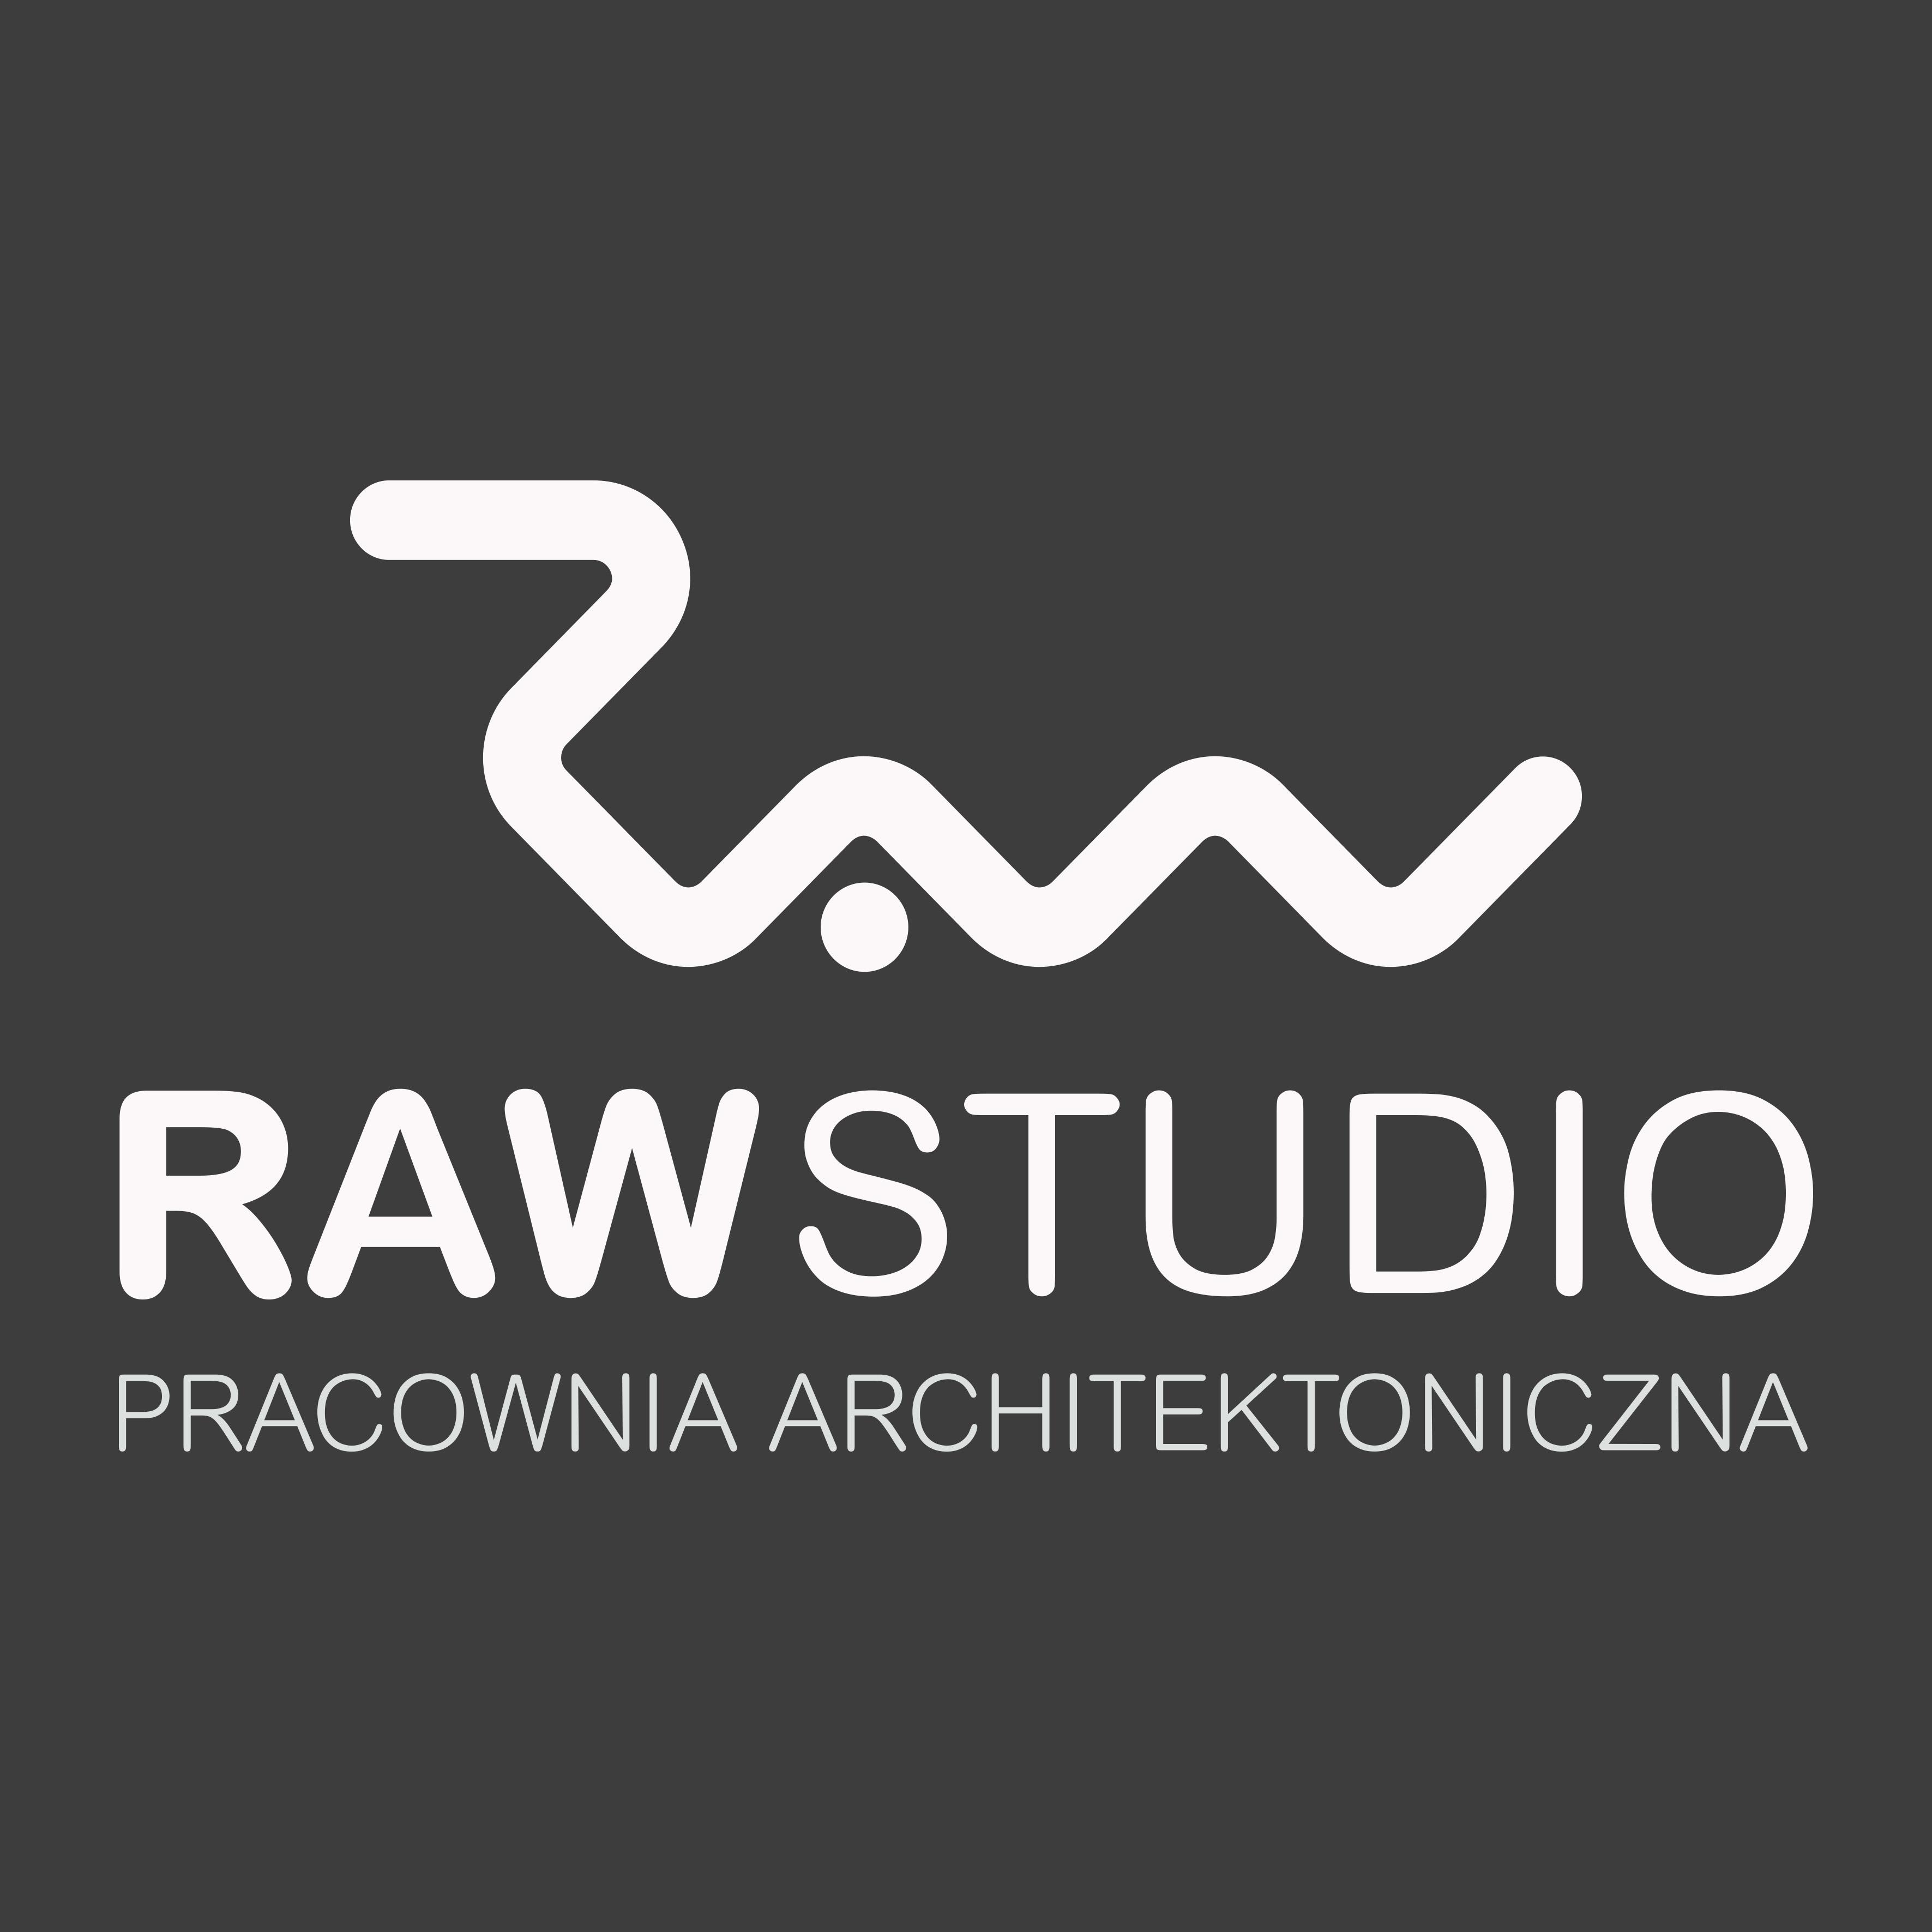 RAW Studio / pracownia architektoniczna